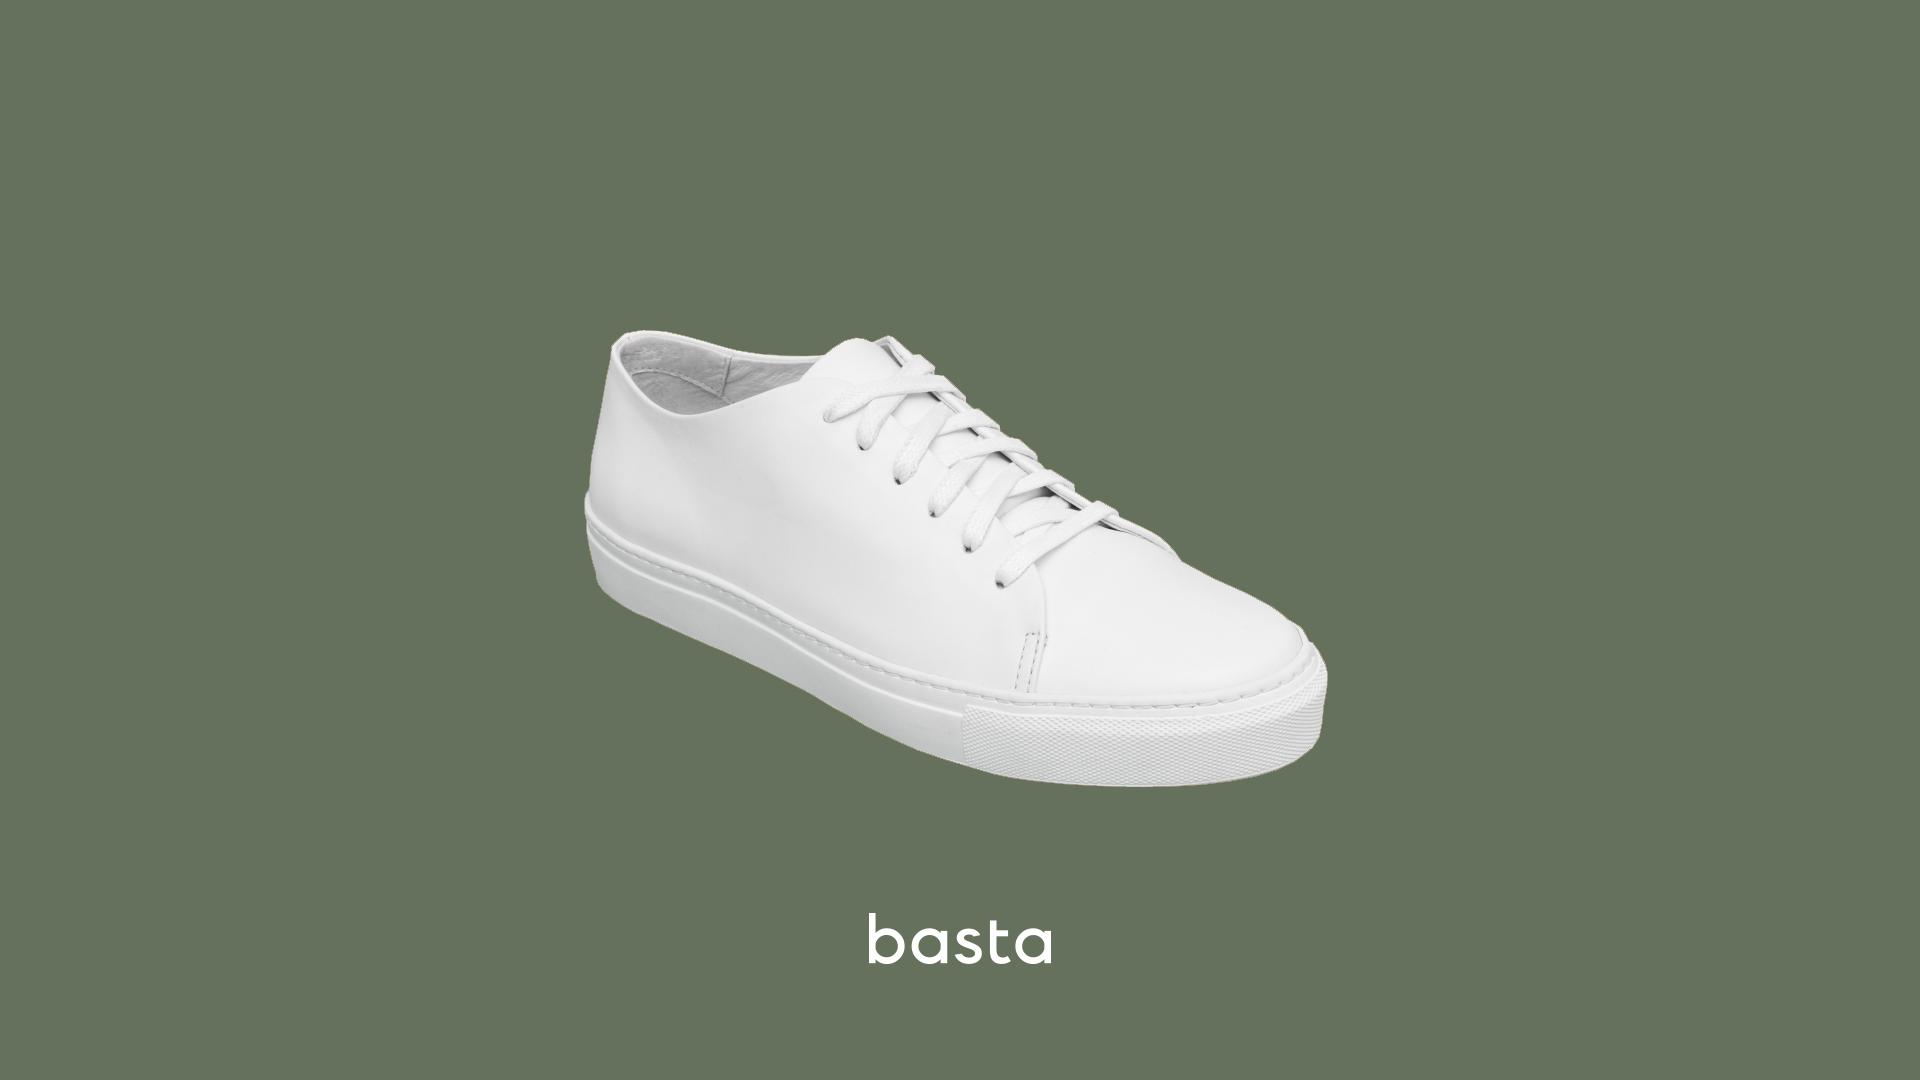 basta-01.jpg